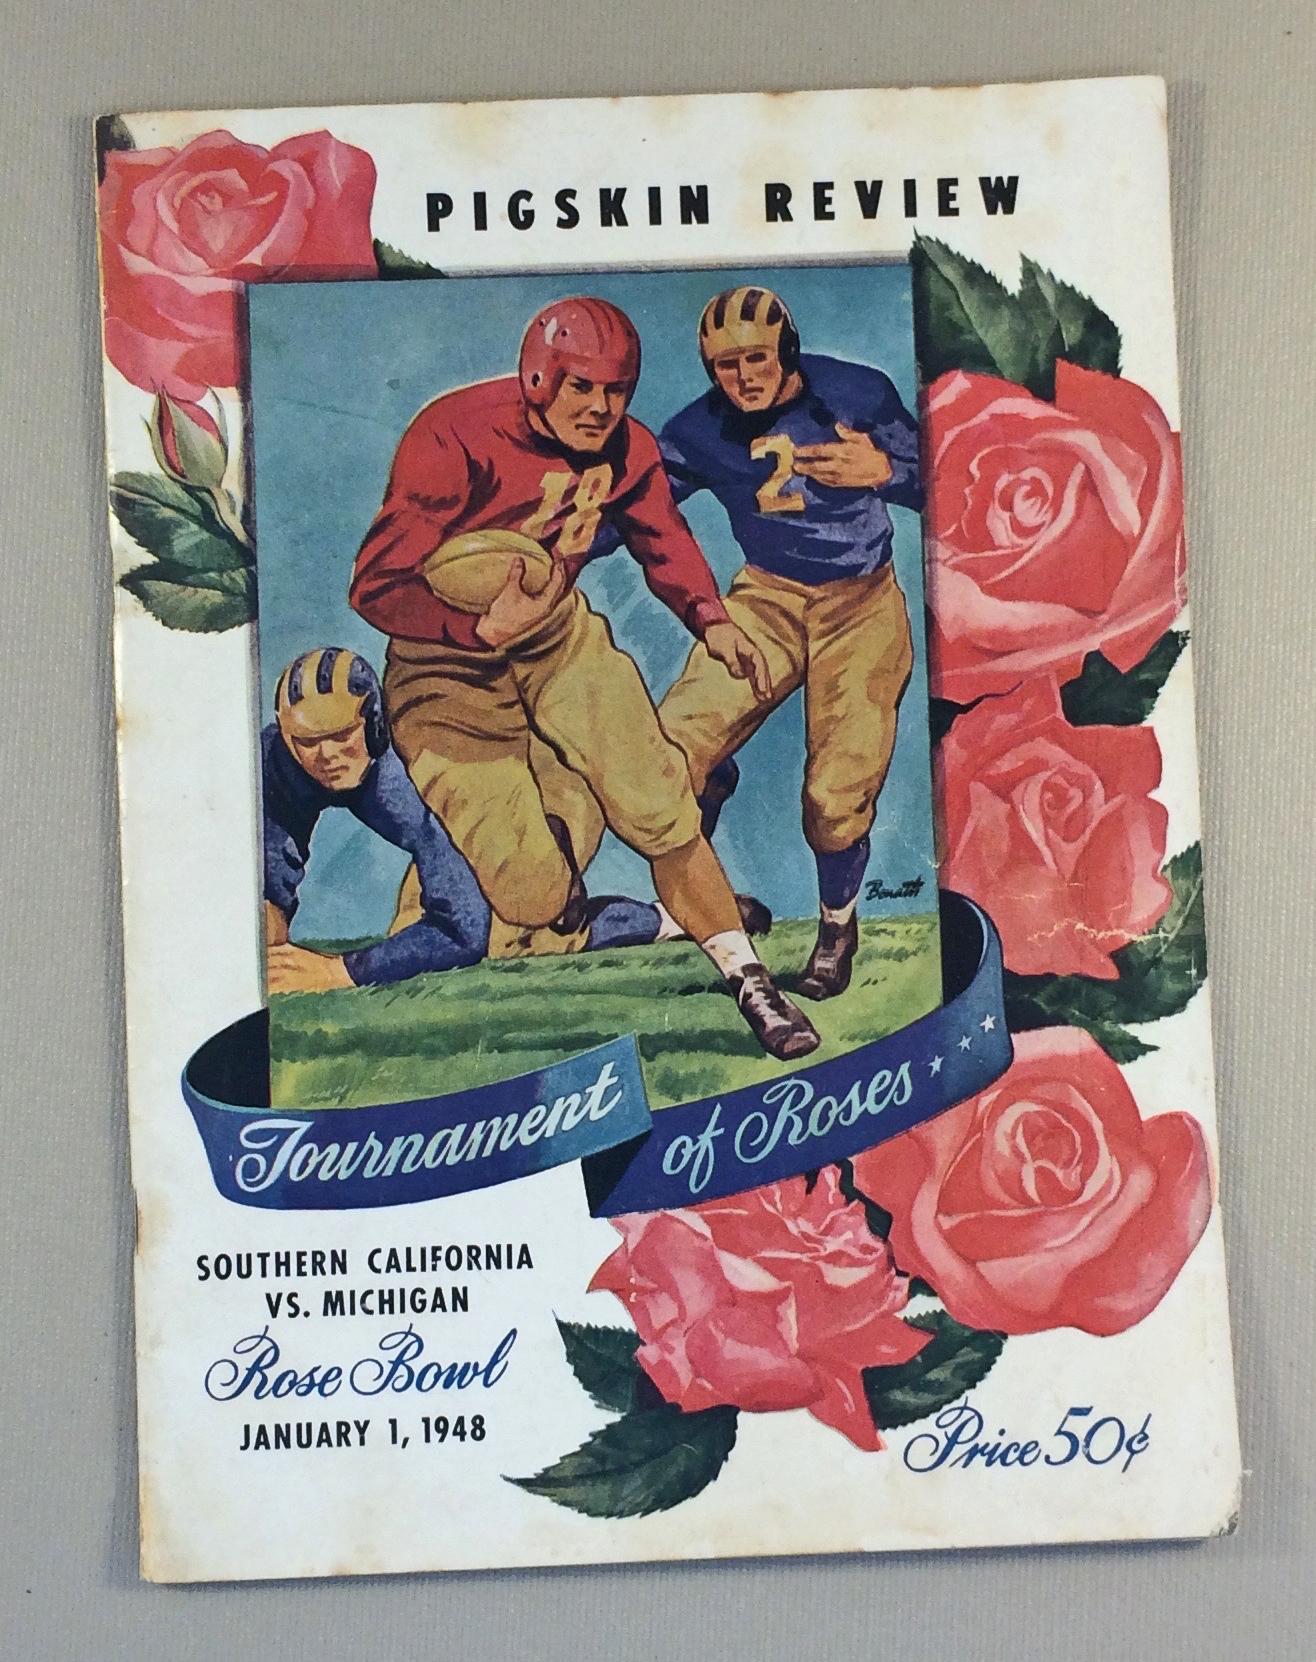 1948 Rose Bowl Game Program